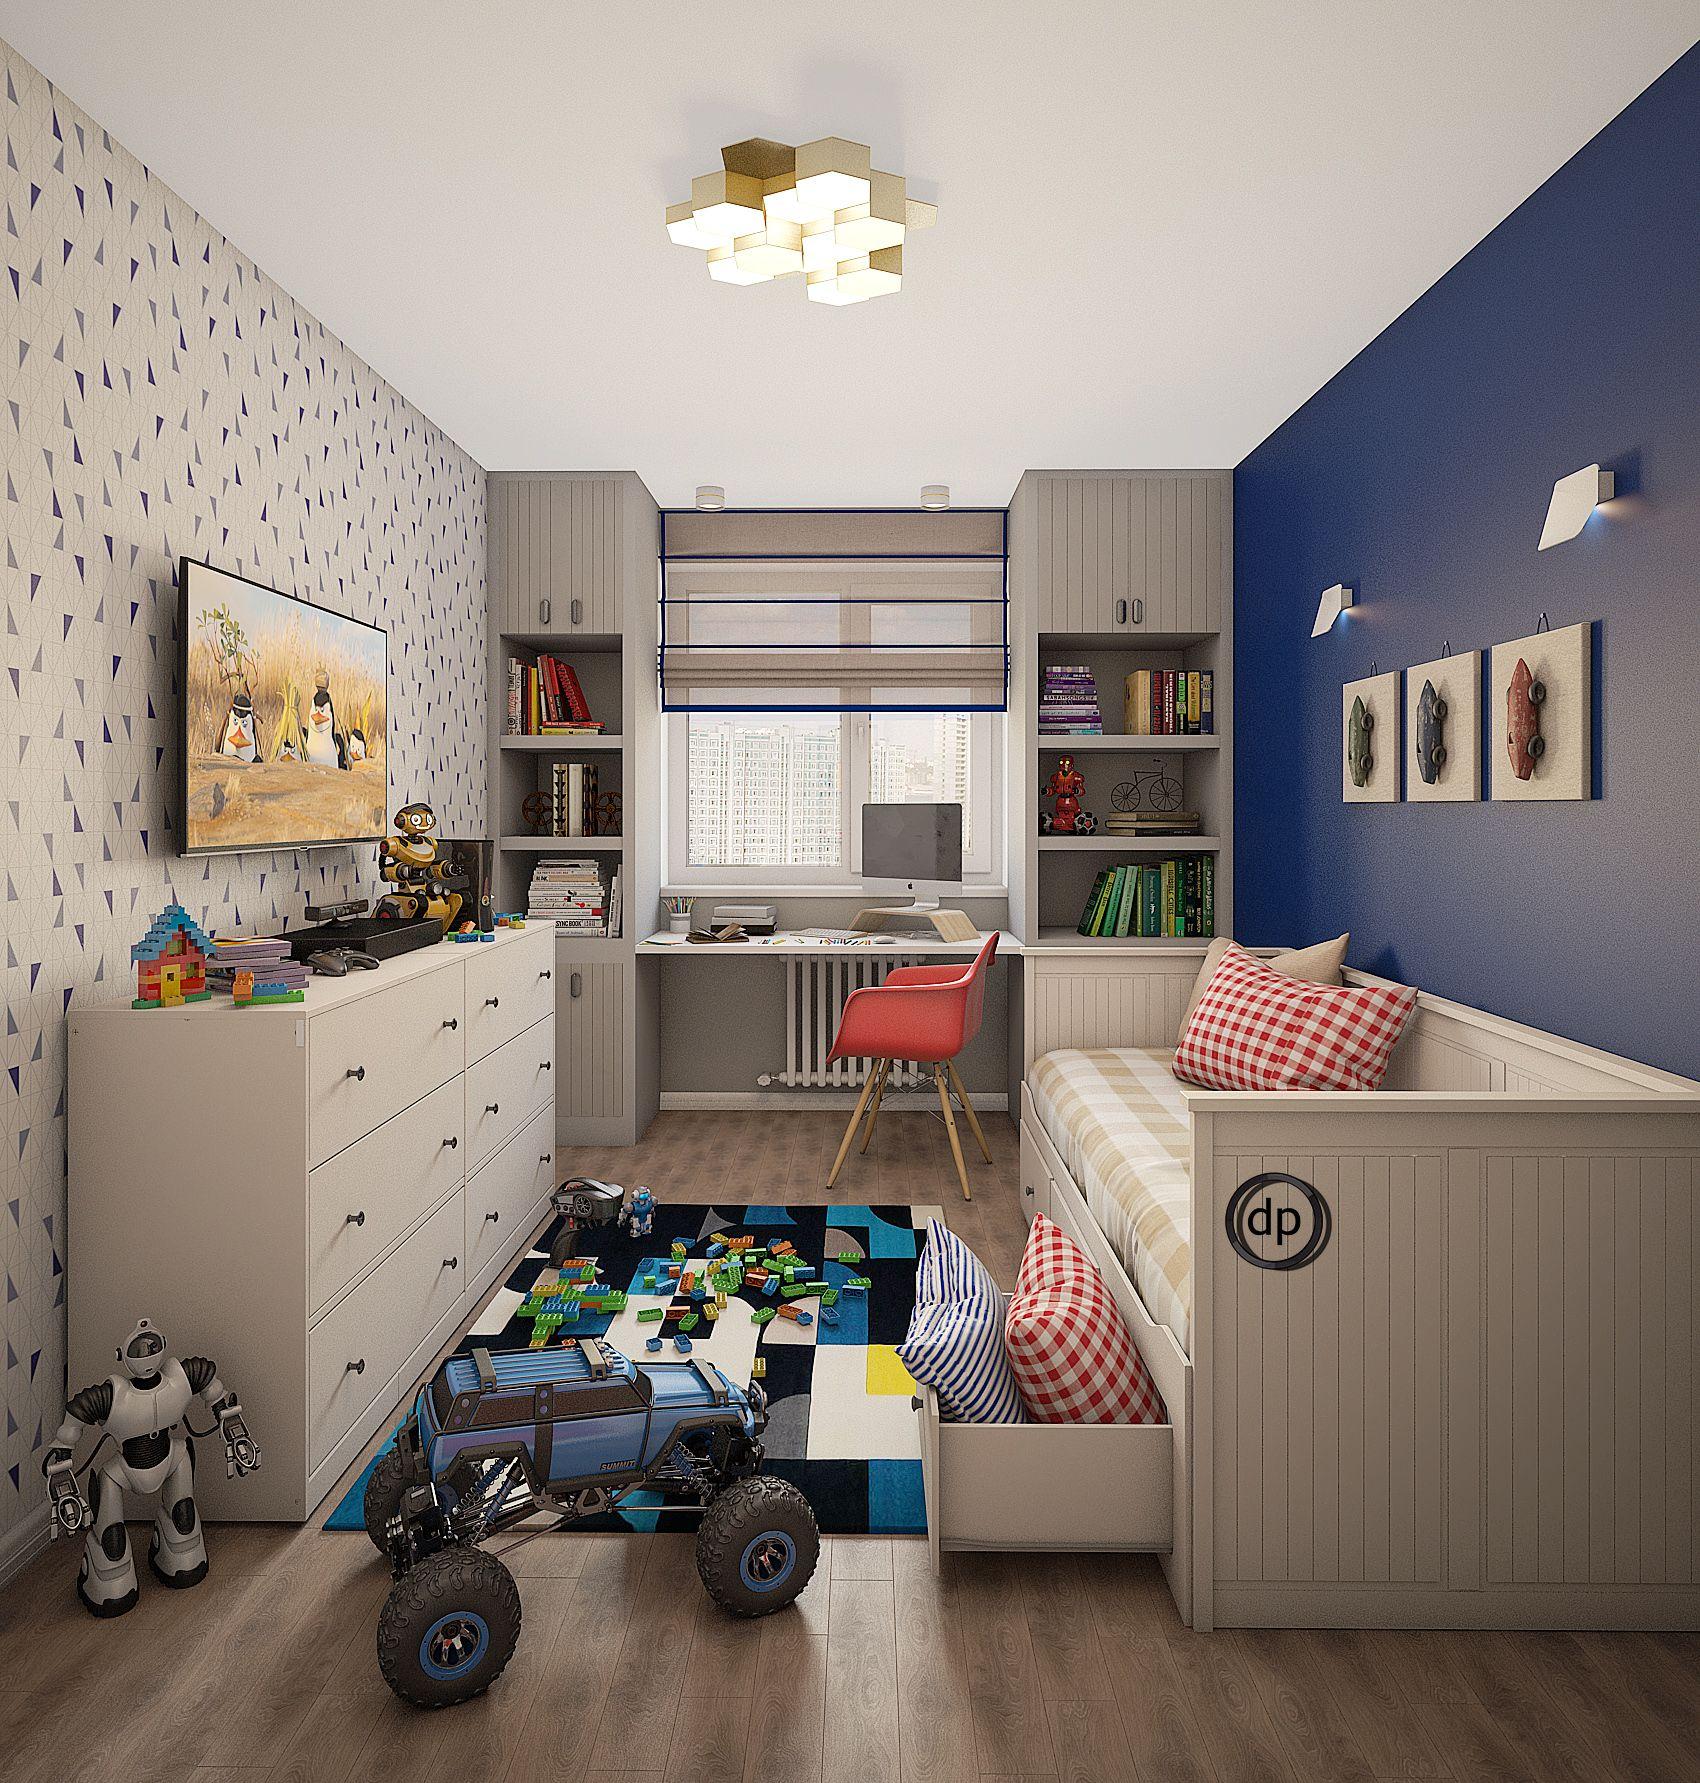 Детская дРя маРьчика kidsroom baby interior boy ikea интерьер